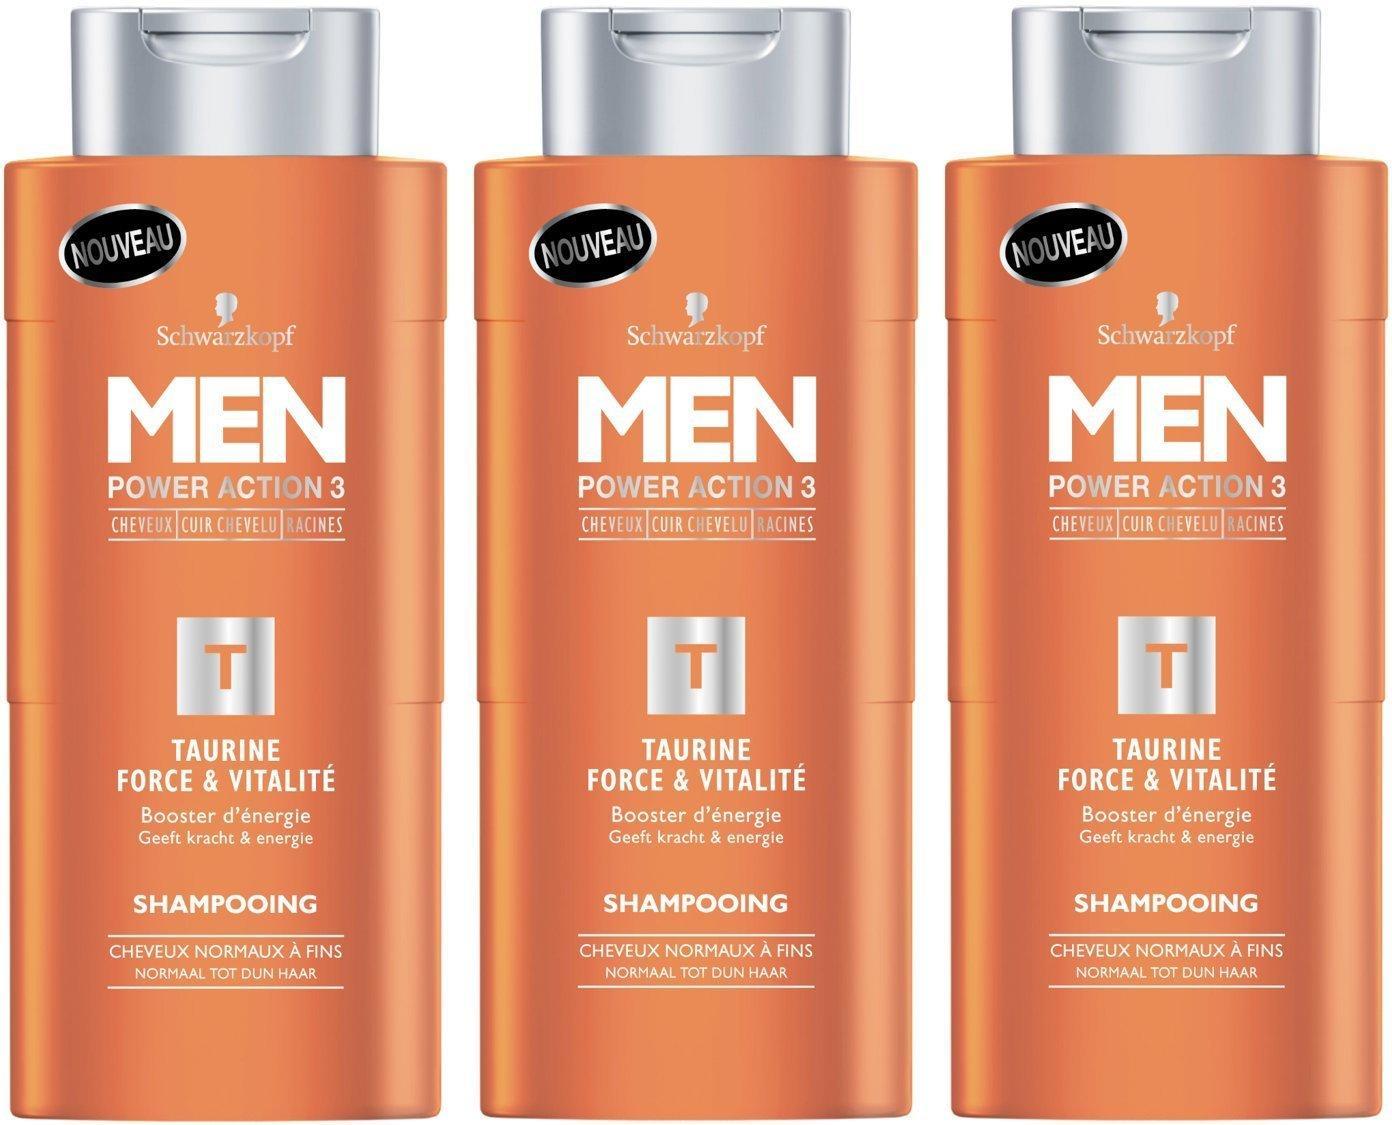 [Premium] Lot de 3 Bouteilles de Shampooing Schwarzkopf MEN Force & vitalité - Taurine - 250 ml